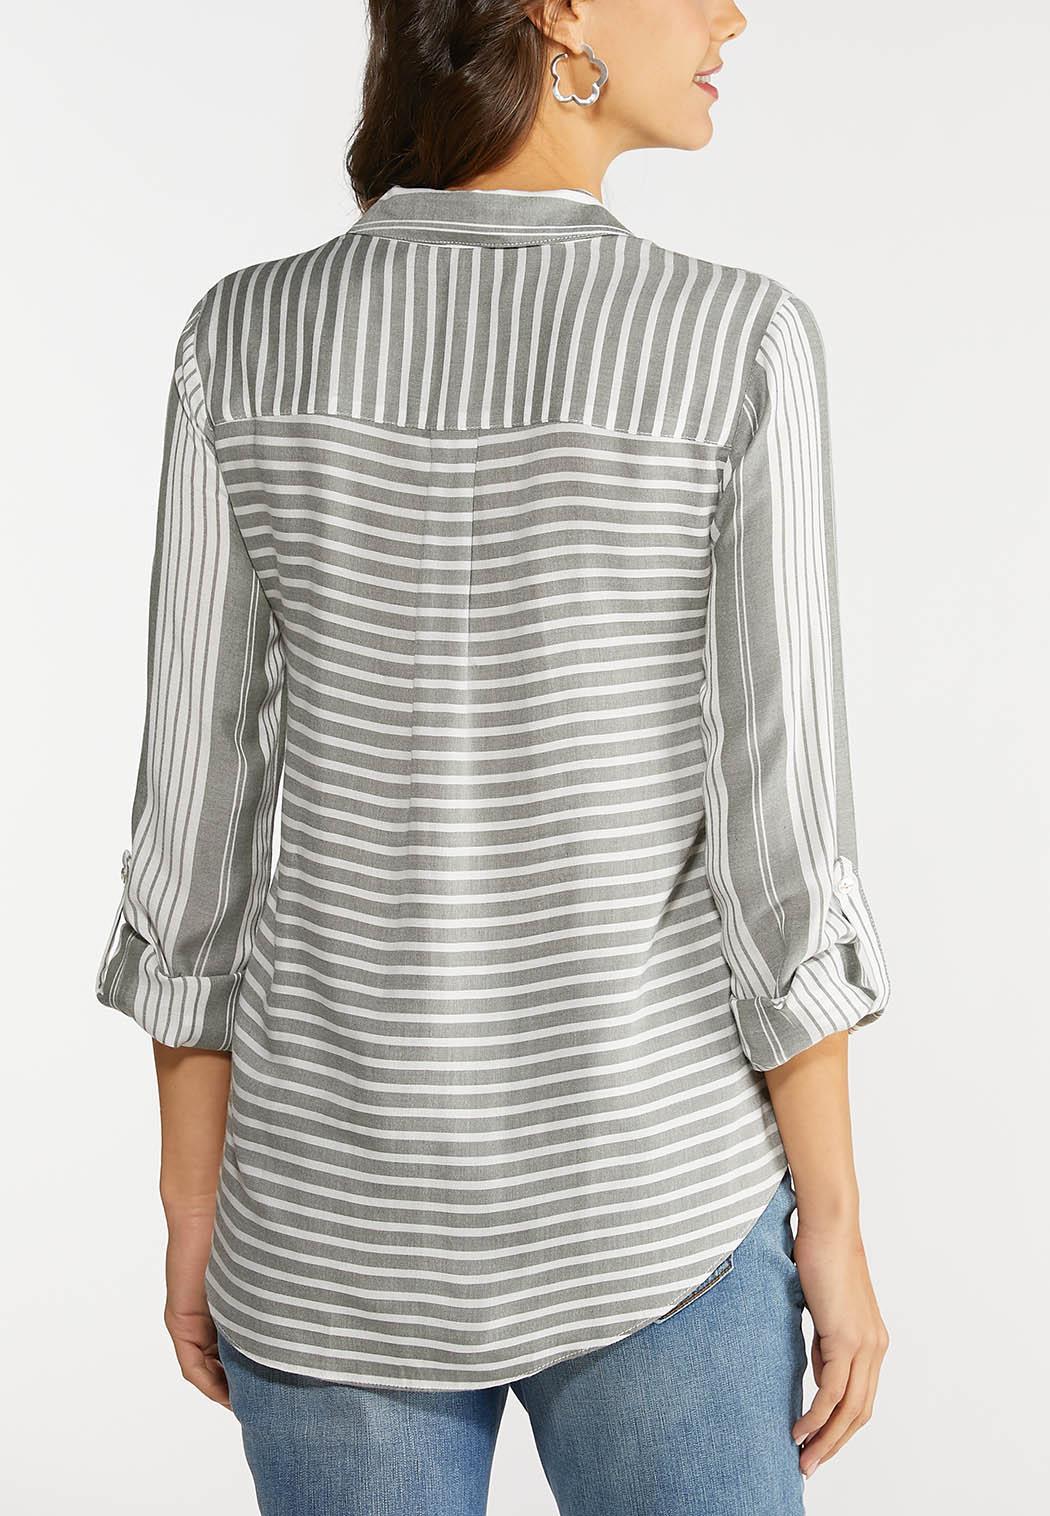 Stripe Tie Front Top (Item #44092560)